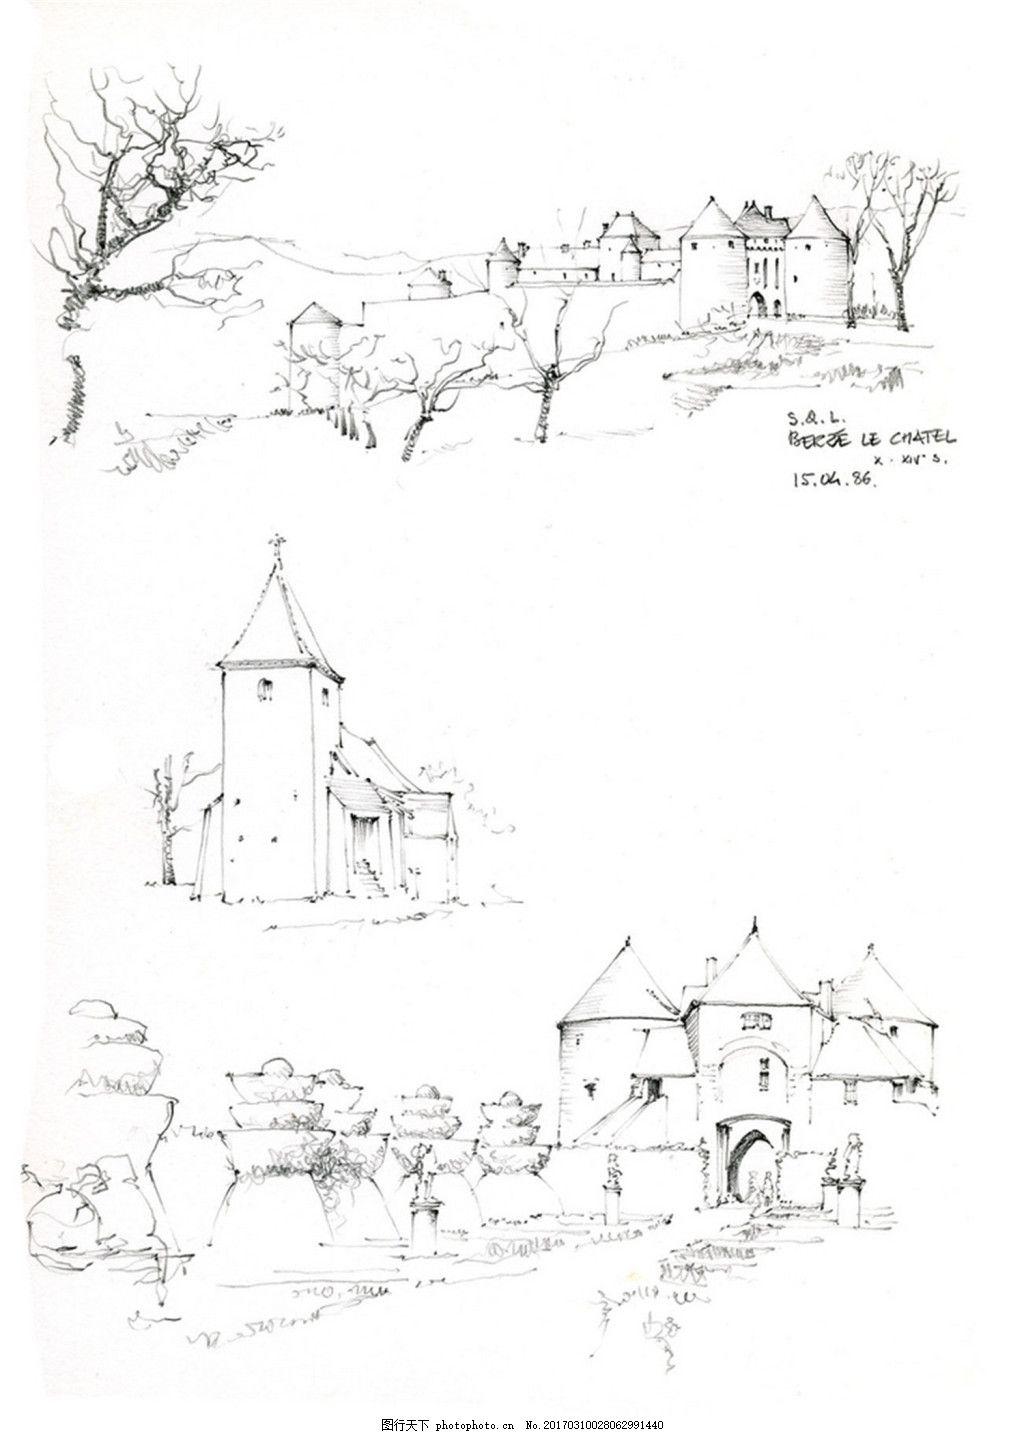 建筑设计  欧式房子建筑效果图 建筑平面图素材免费下载 手绘图 图纸